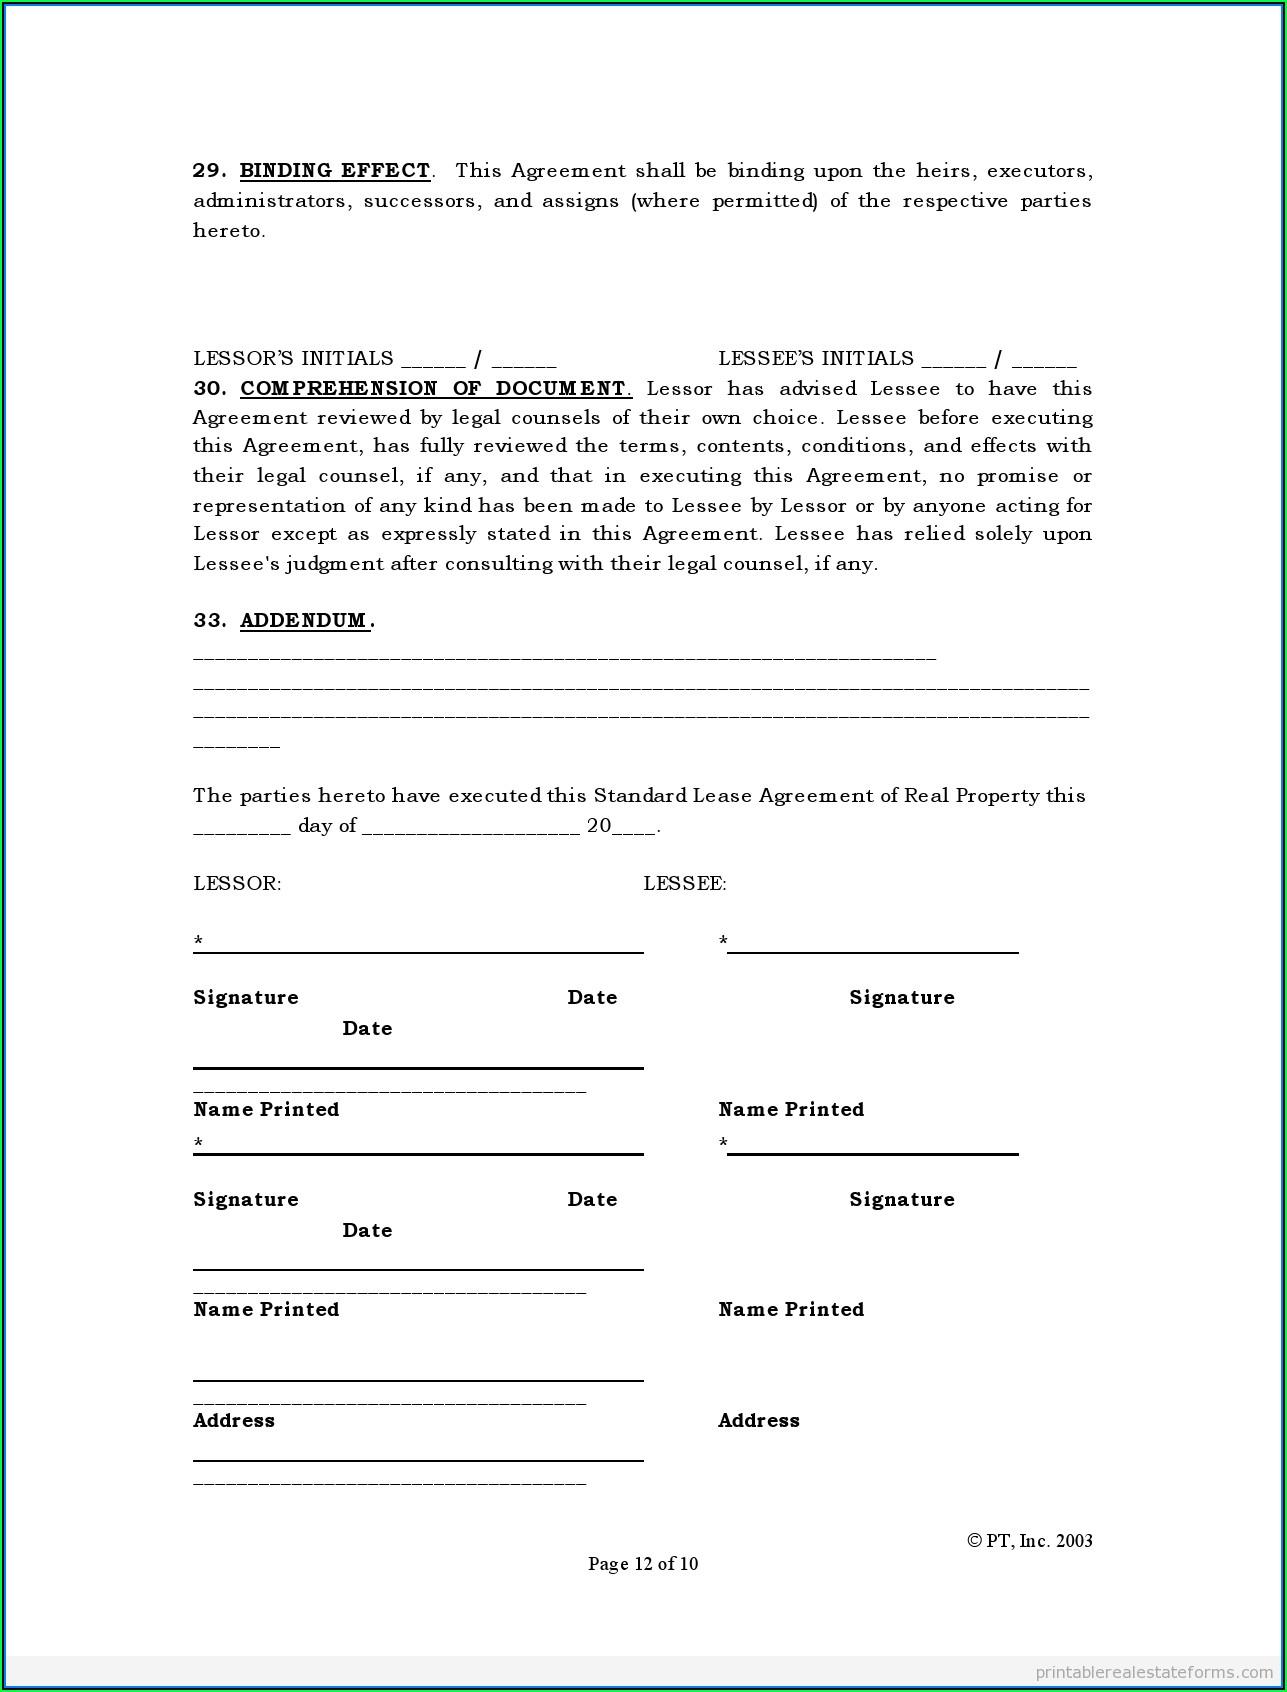 Free Printable Resumes Online